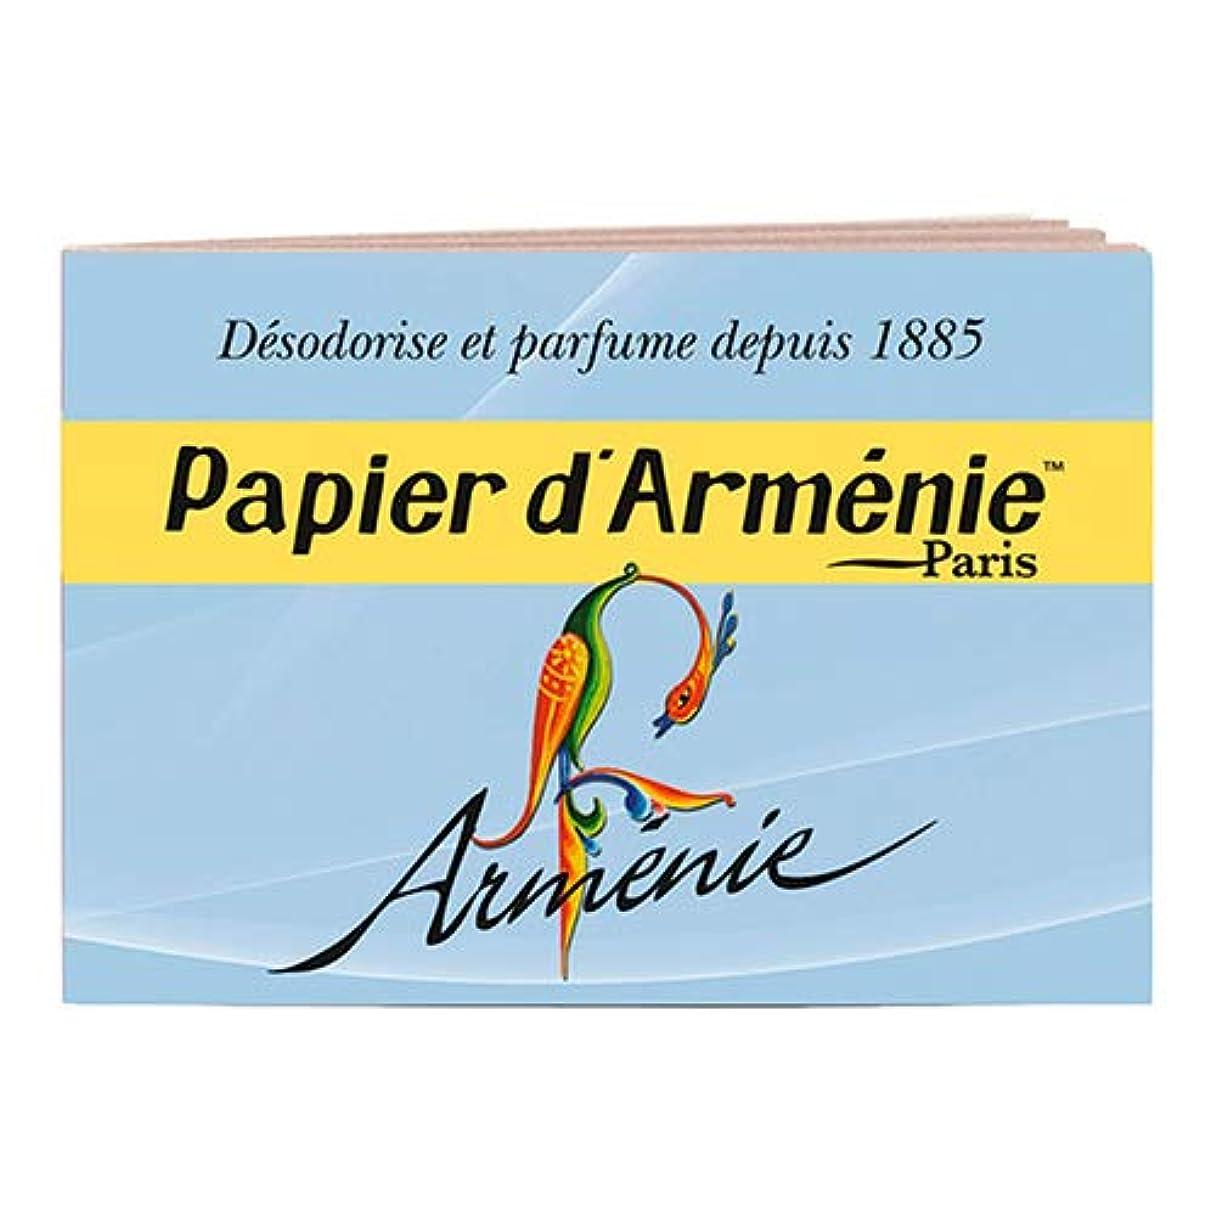 定期的にクマノミ有毒な【パピエダルメニイ】トリプル 3×12枚(36回分) アルメニイ 紙のお香 インセンス アロマペーパー PAPIER D'ARMENIE [並行輸入品]